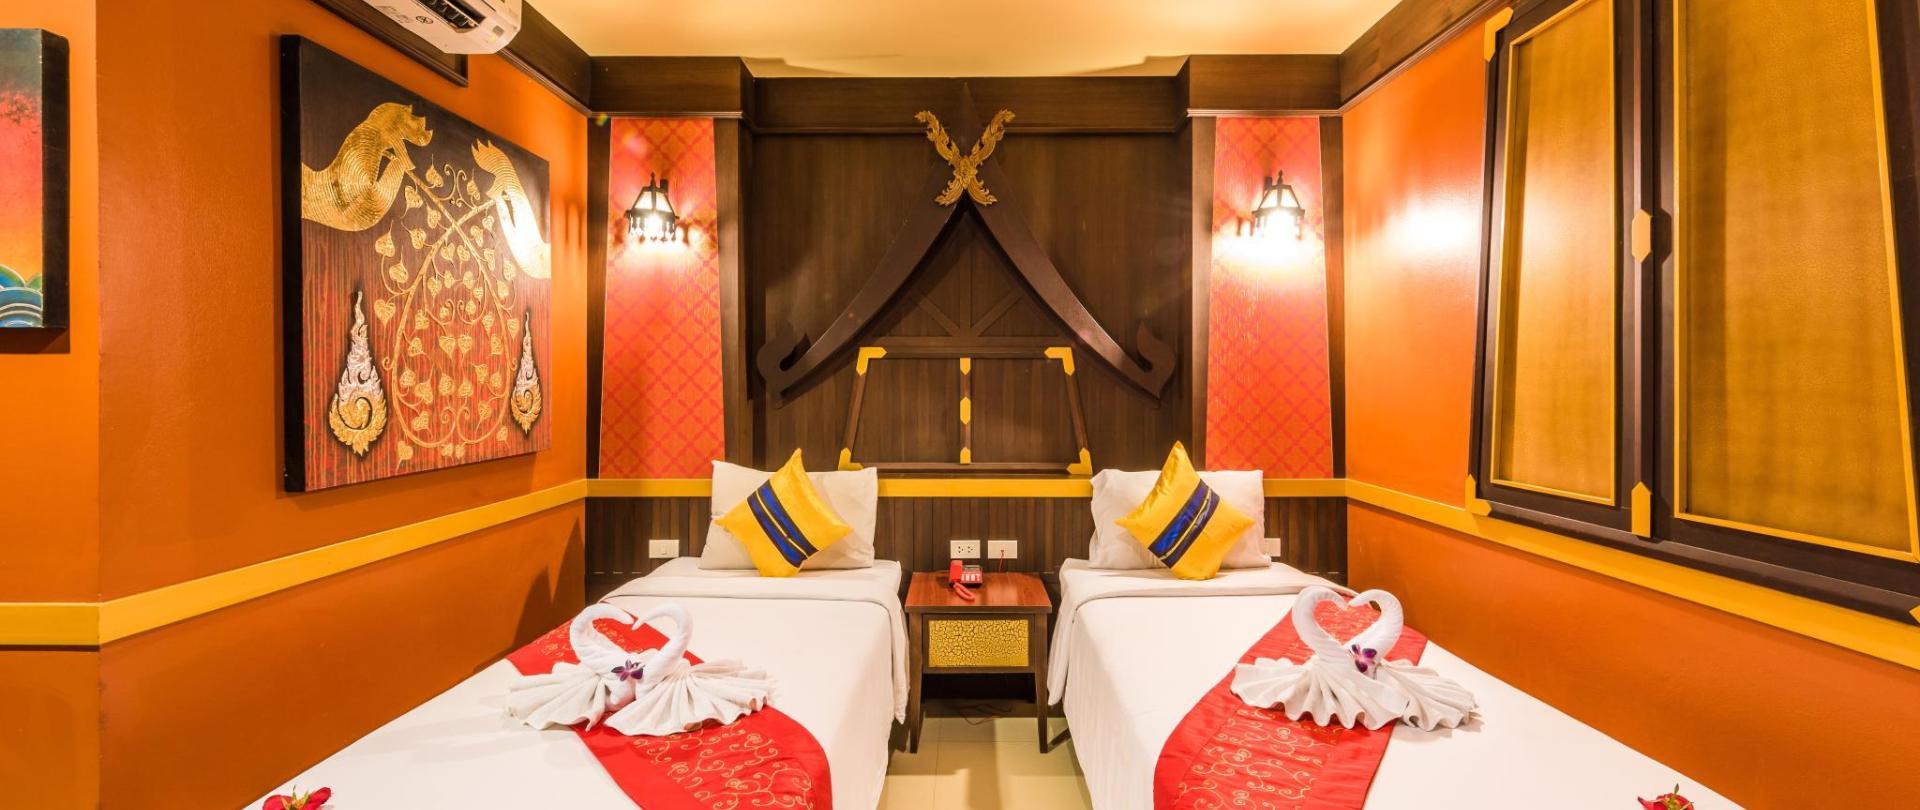 Twin Room with Balcony 6.jpg